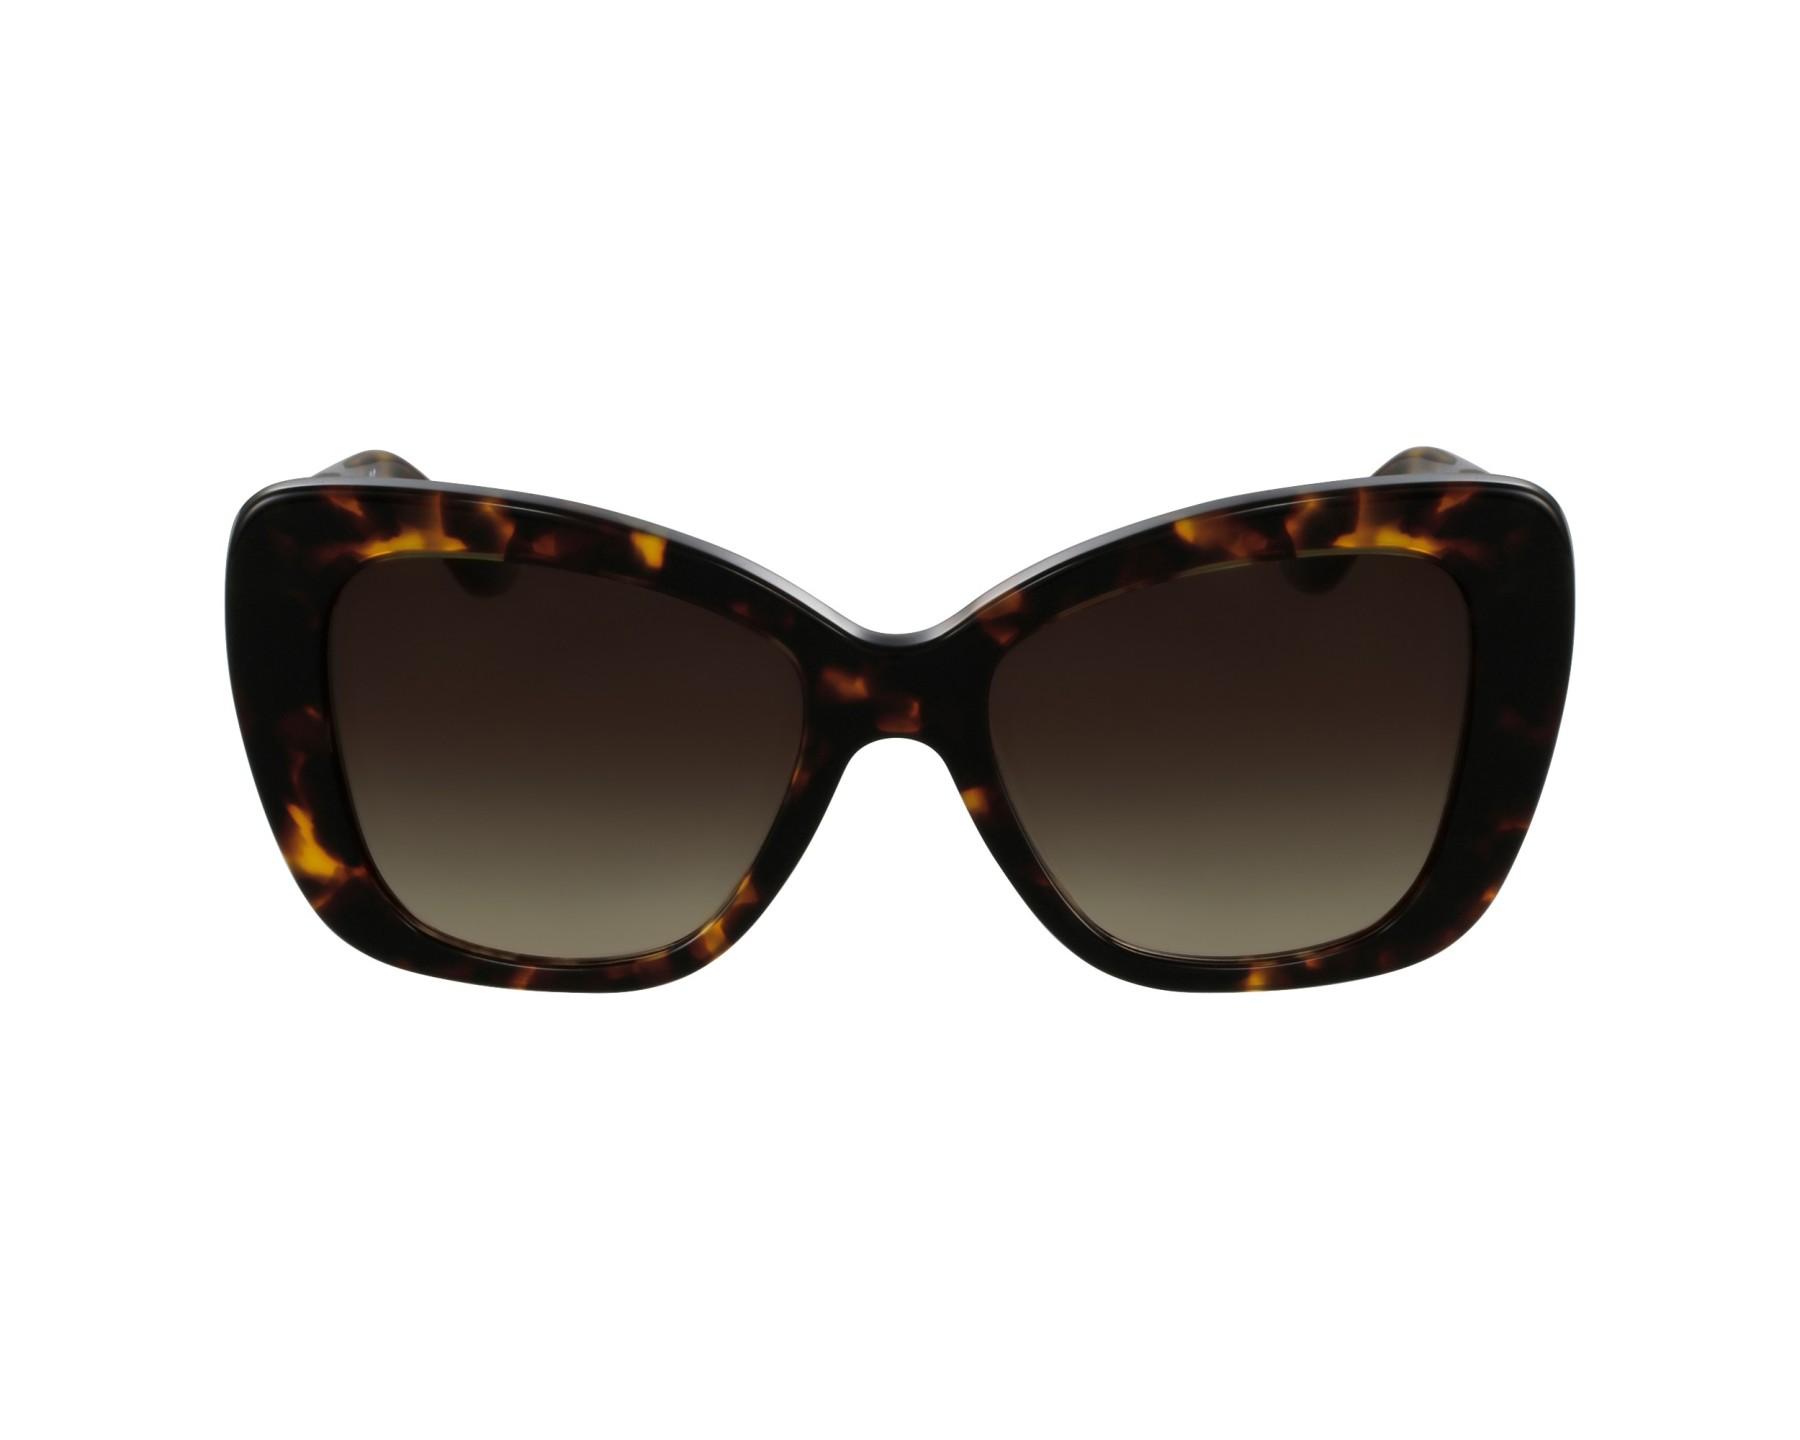 lunettes de soleil versace ve 4305 q 5148 13 havane avec des verres marron. Black Bedroom Furniture Sets. Home Design Ideas